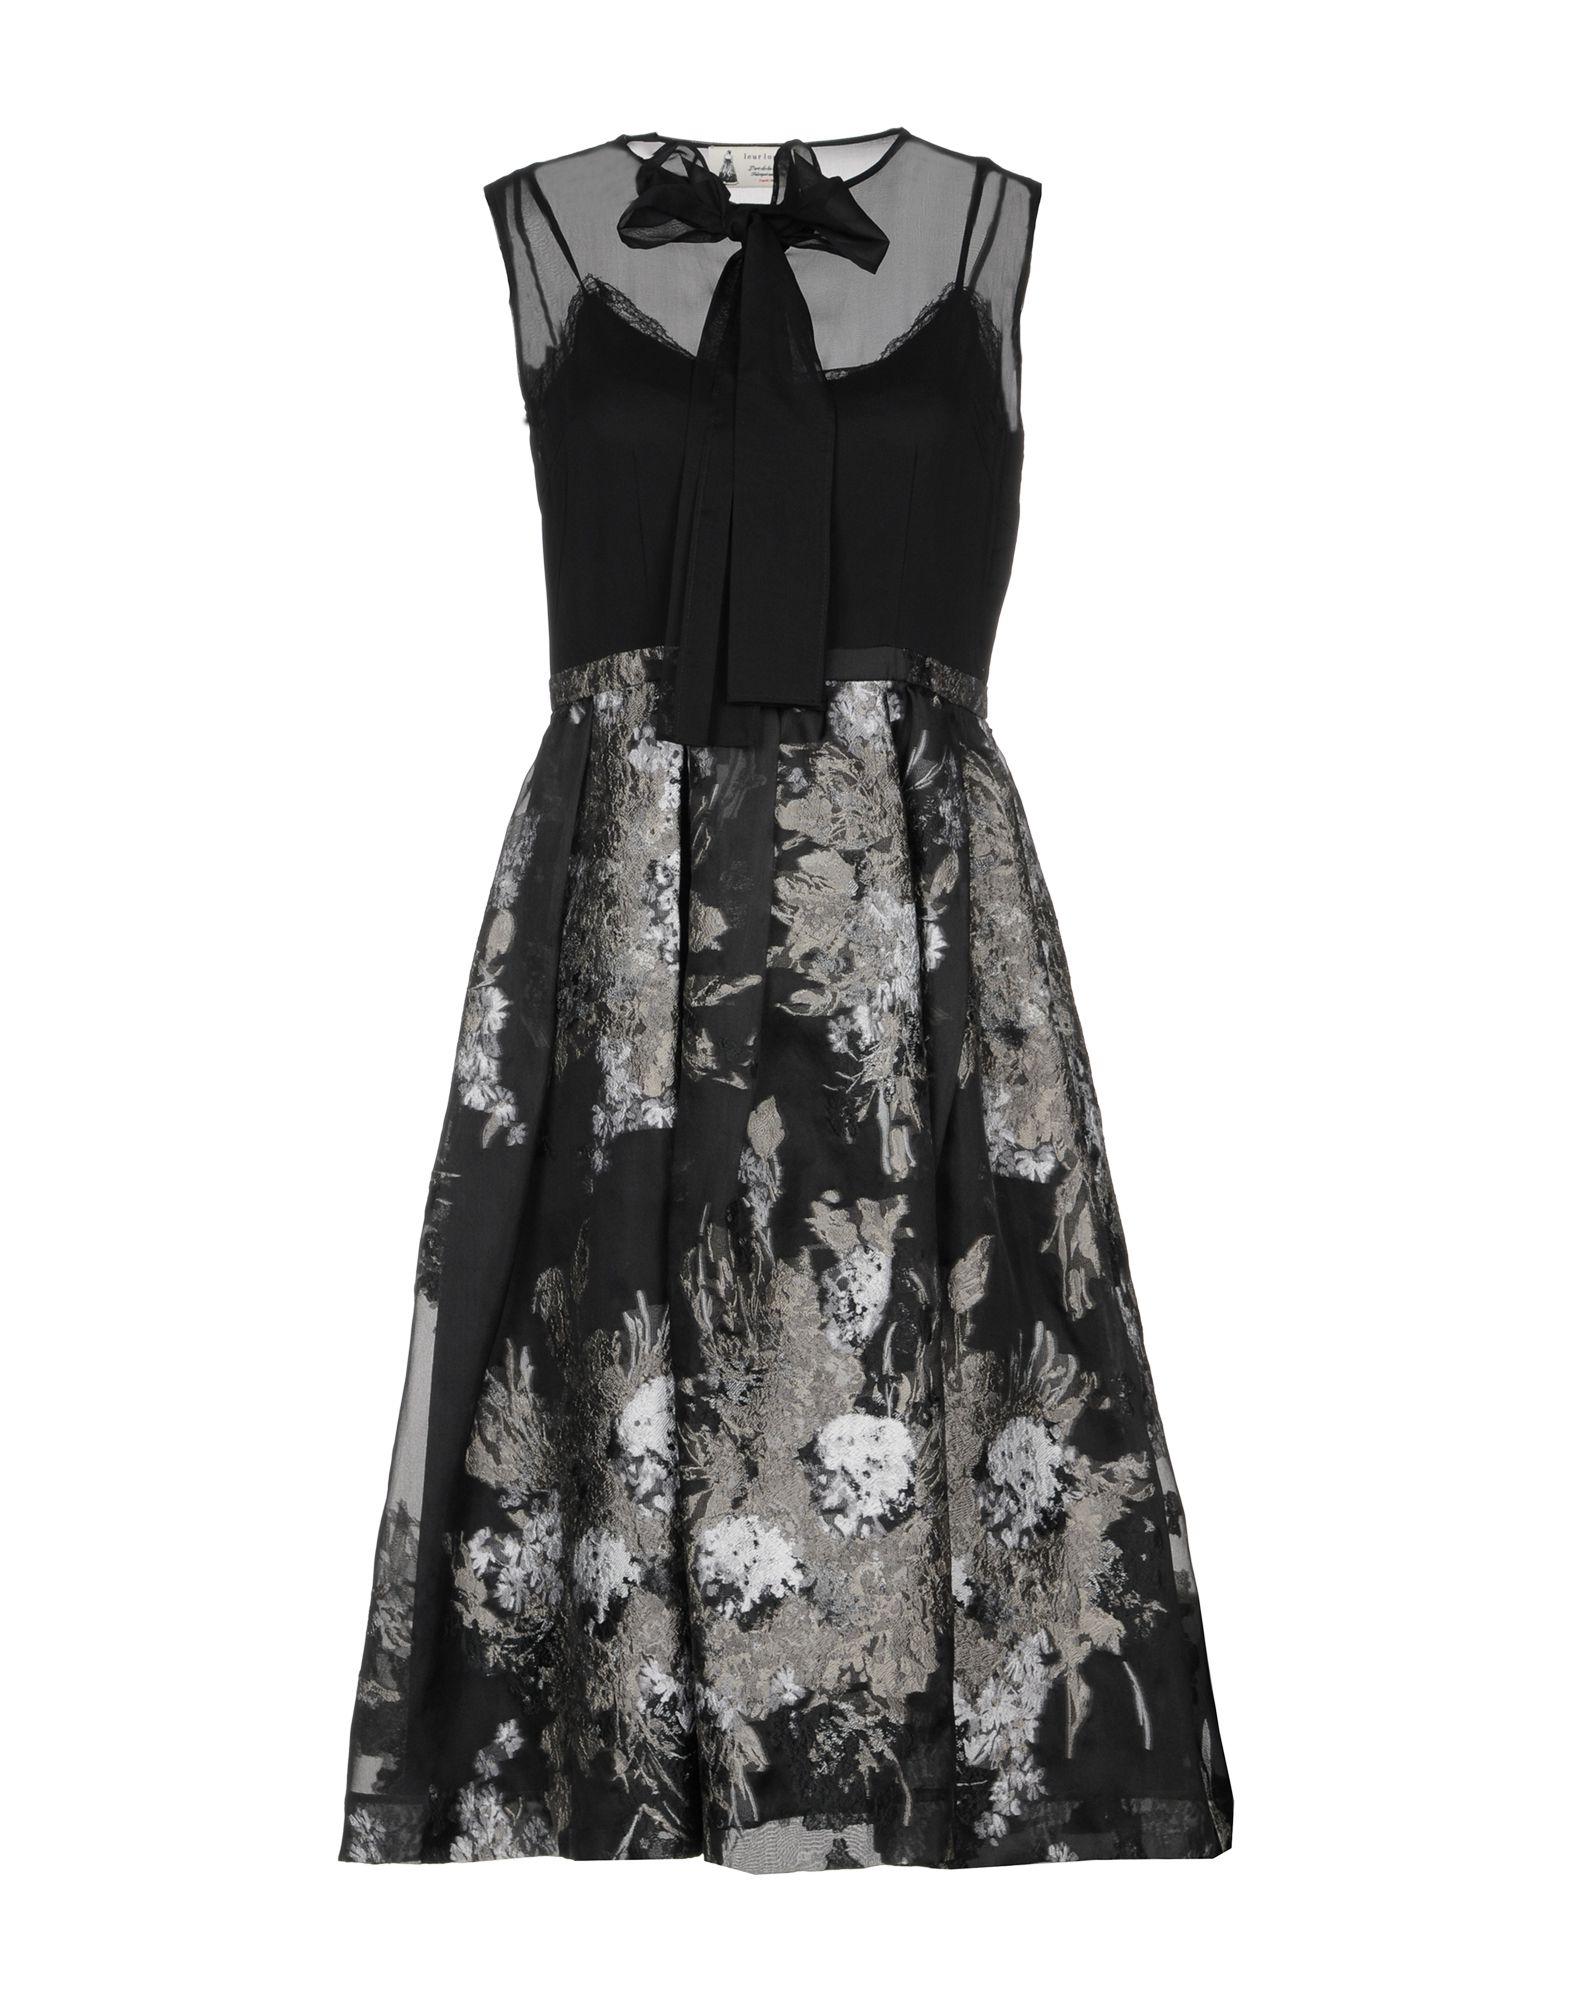 LEUR LOGETTE Knee-Length Dress in Black